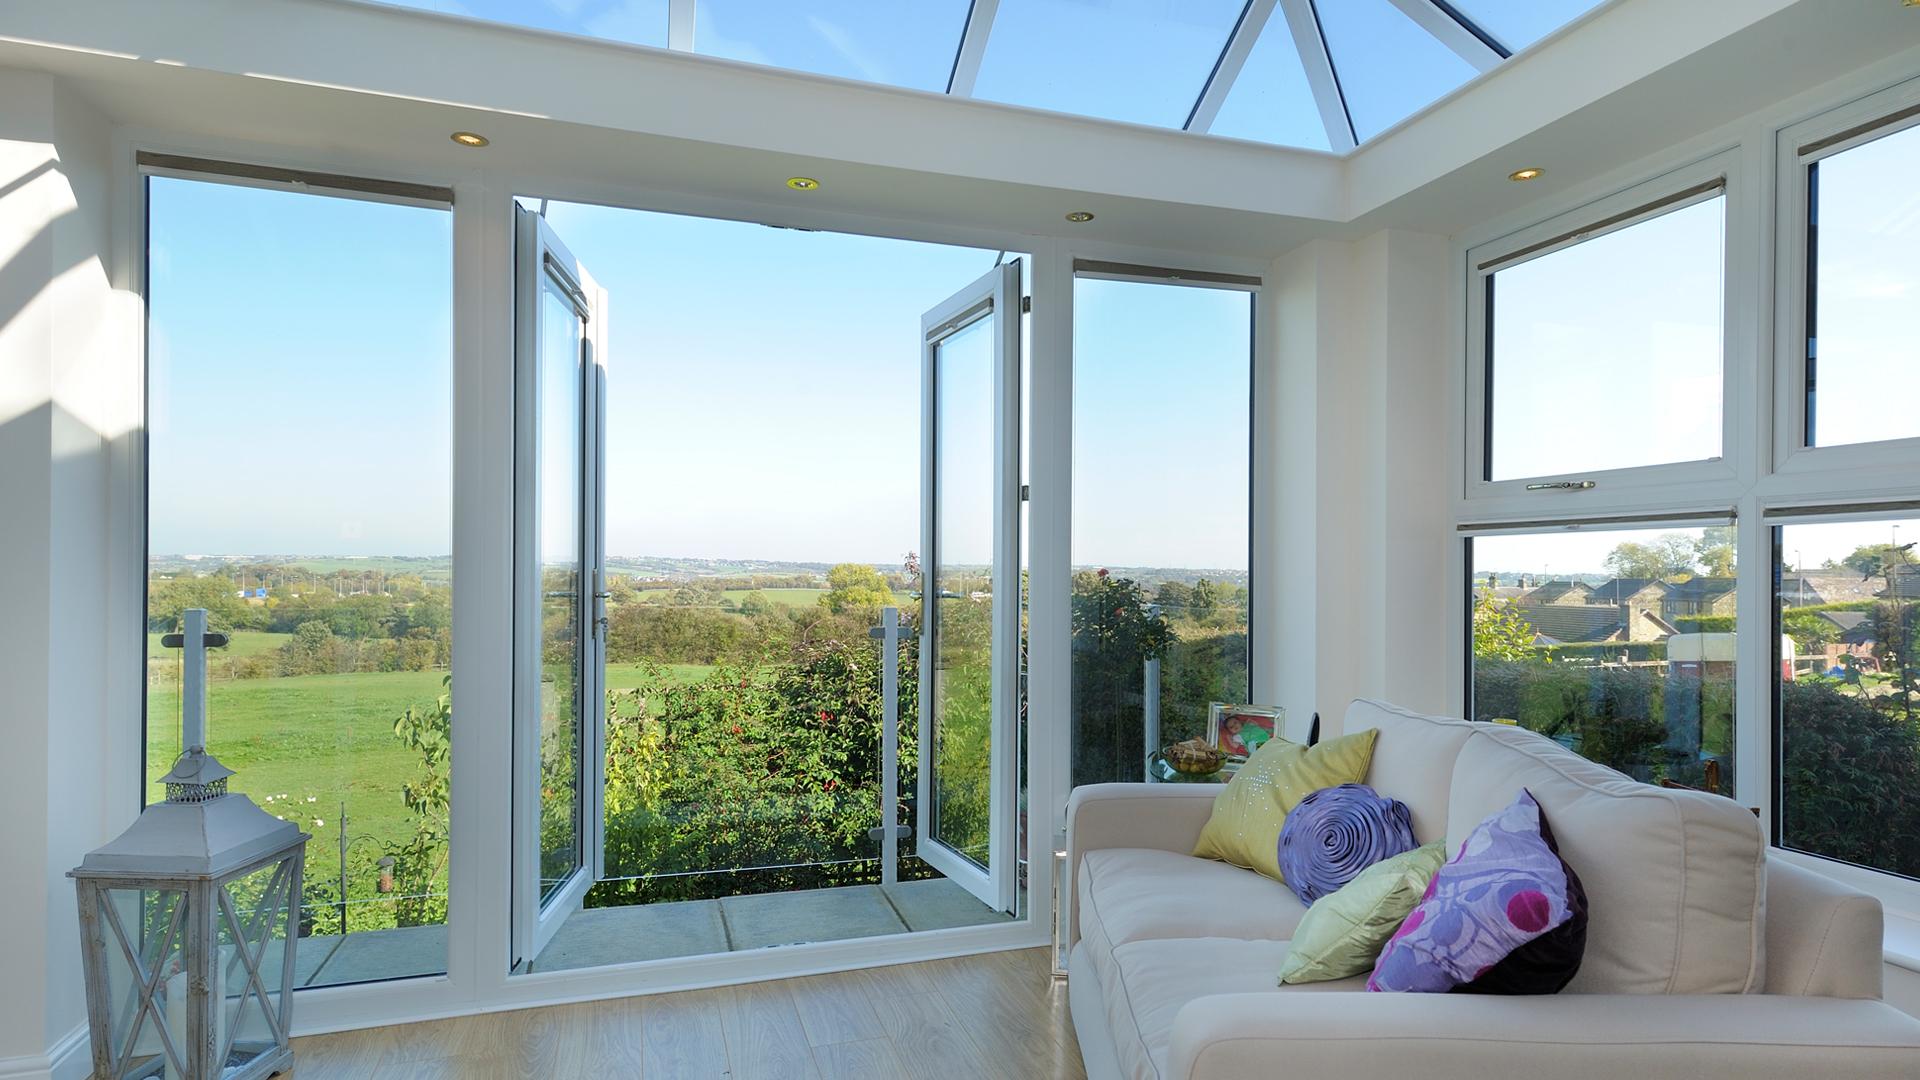 На фото: Деревянные или пластиковые окна? Сравнение характеристик, автор: admin